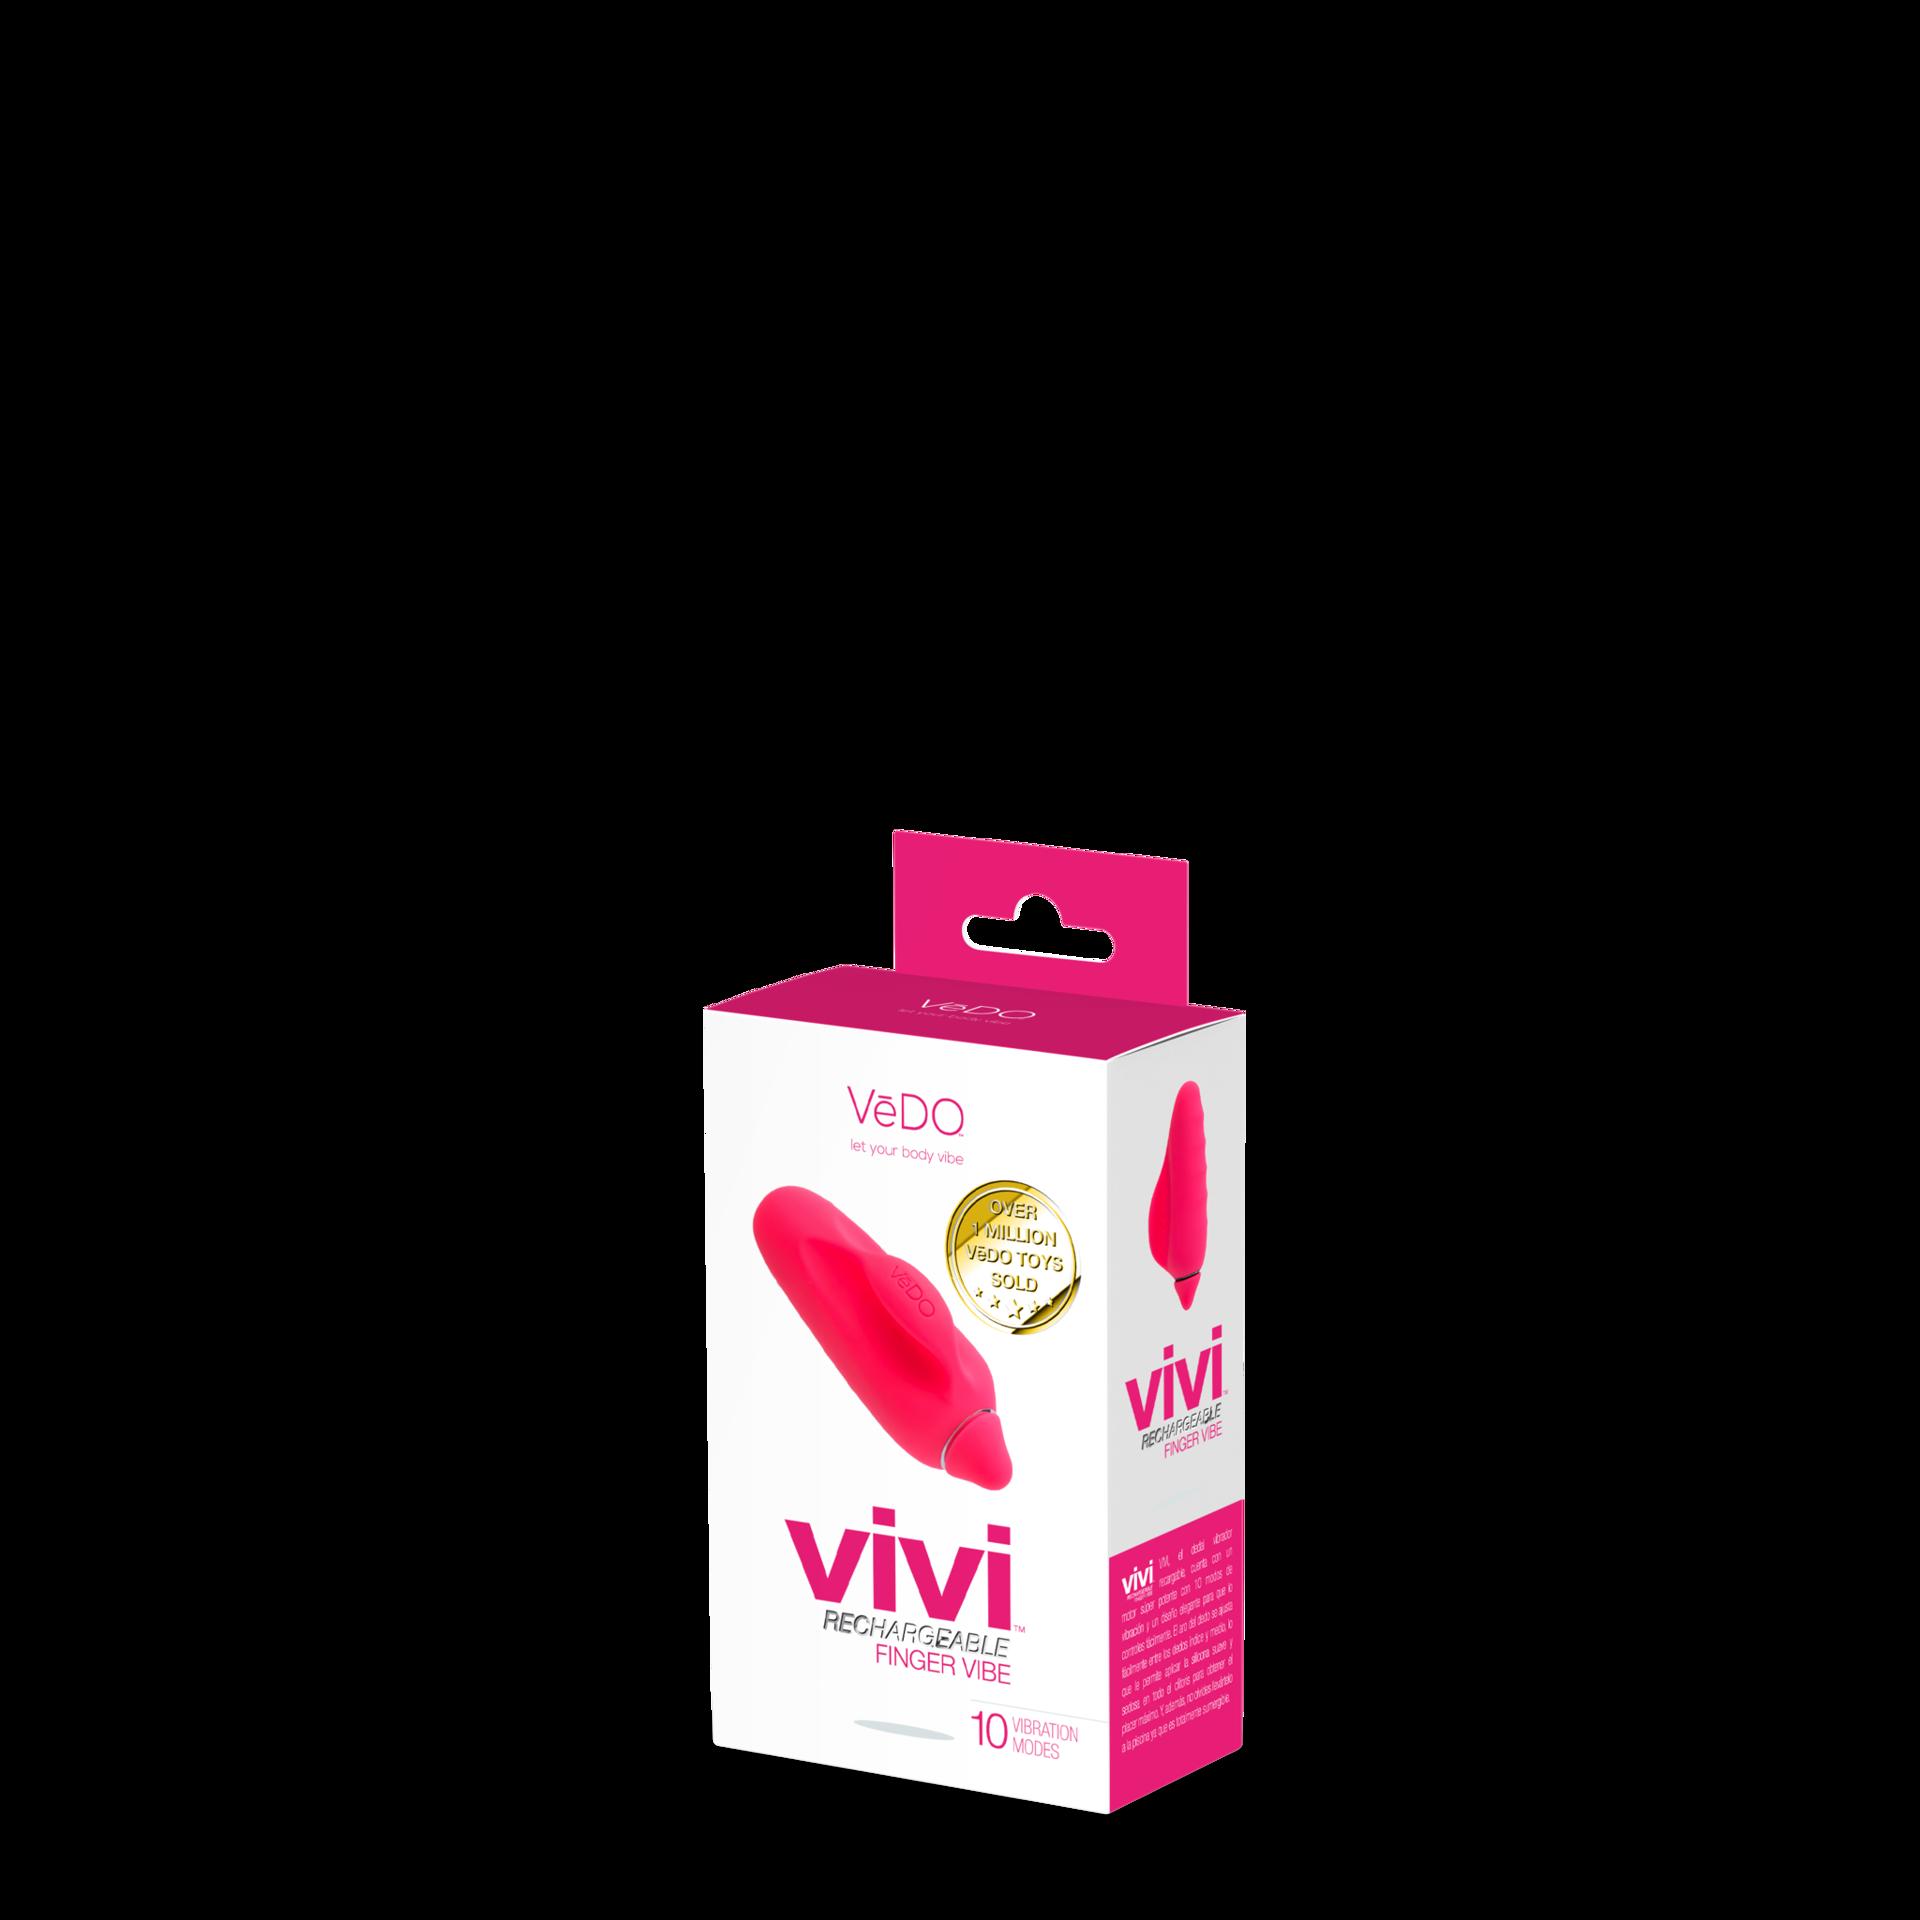 Image de Vivi Rechargeable Finger Vibe- Pink